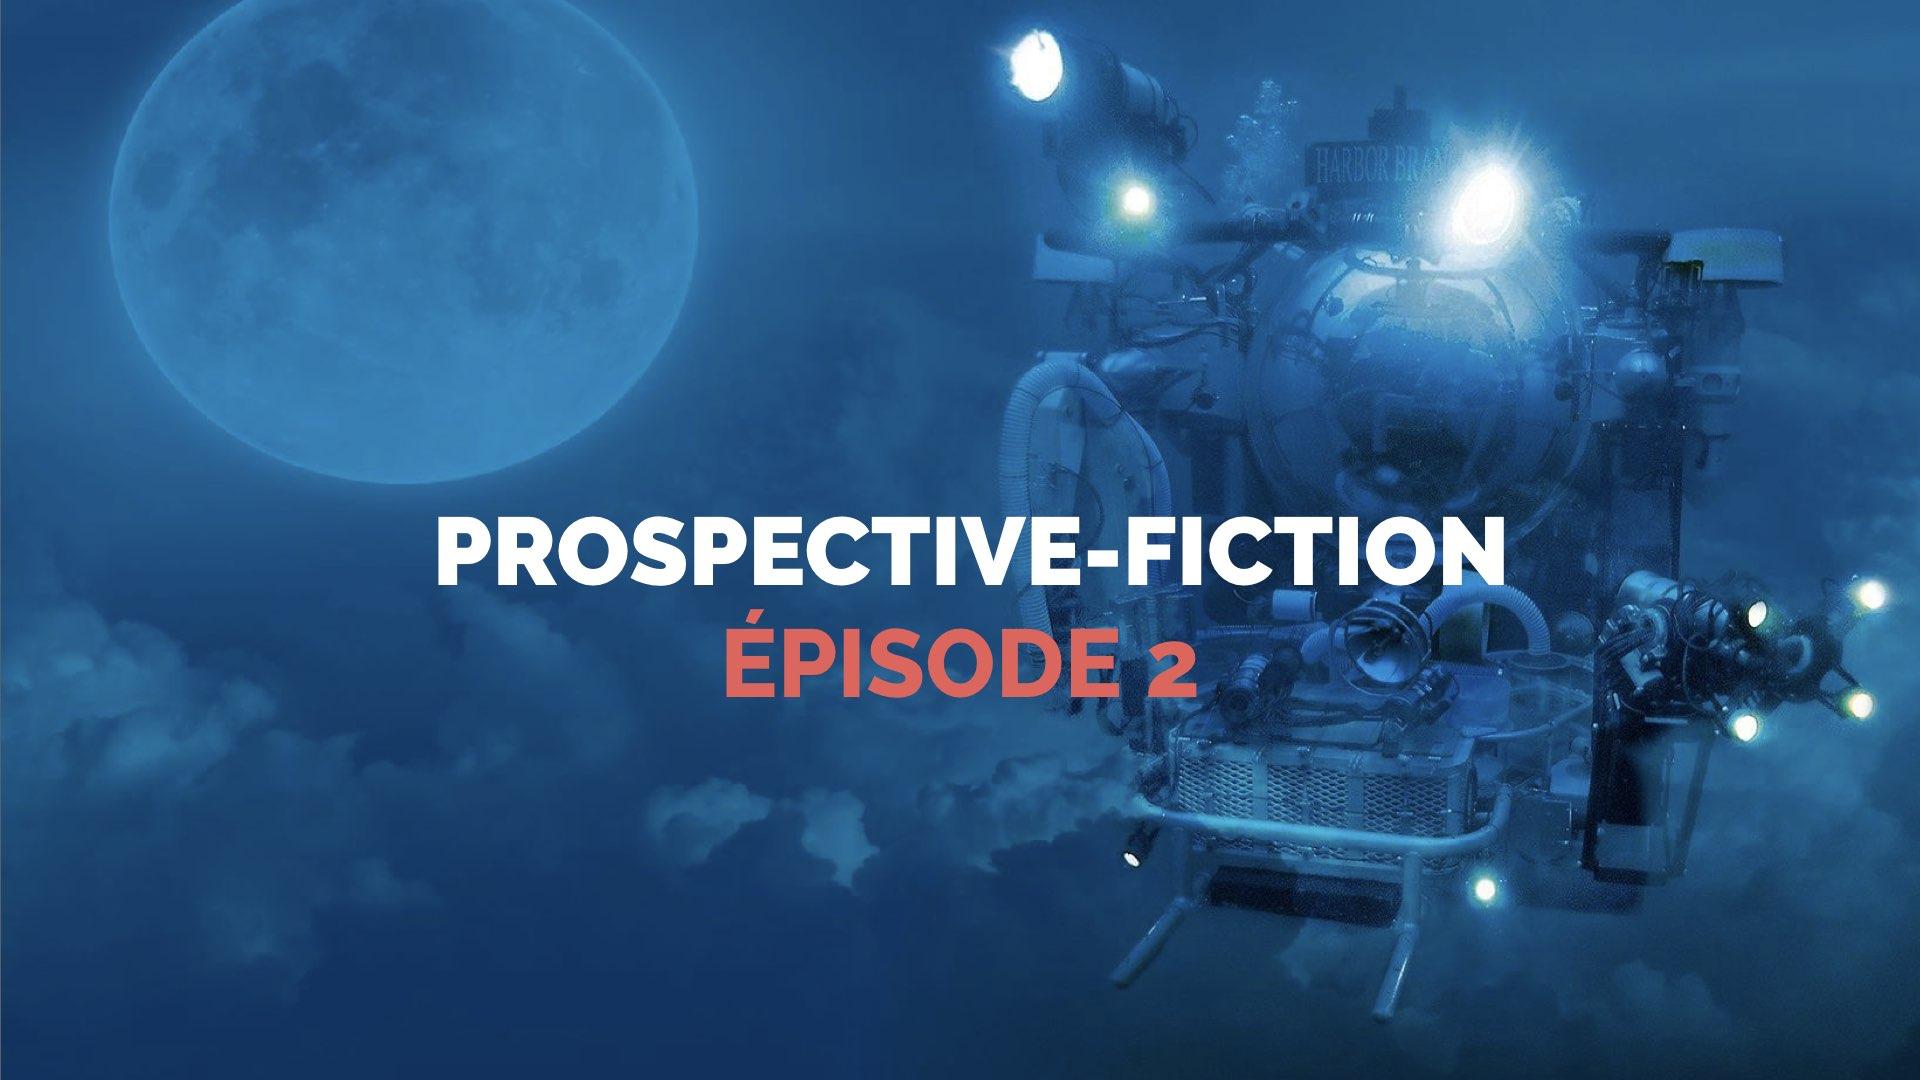 http://propulseurs.com/prospective-fiction-lhomme-centre-jeu/